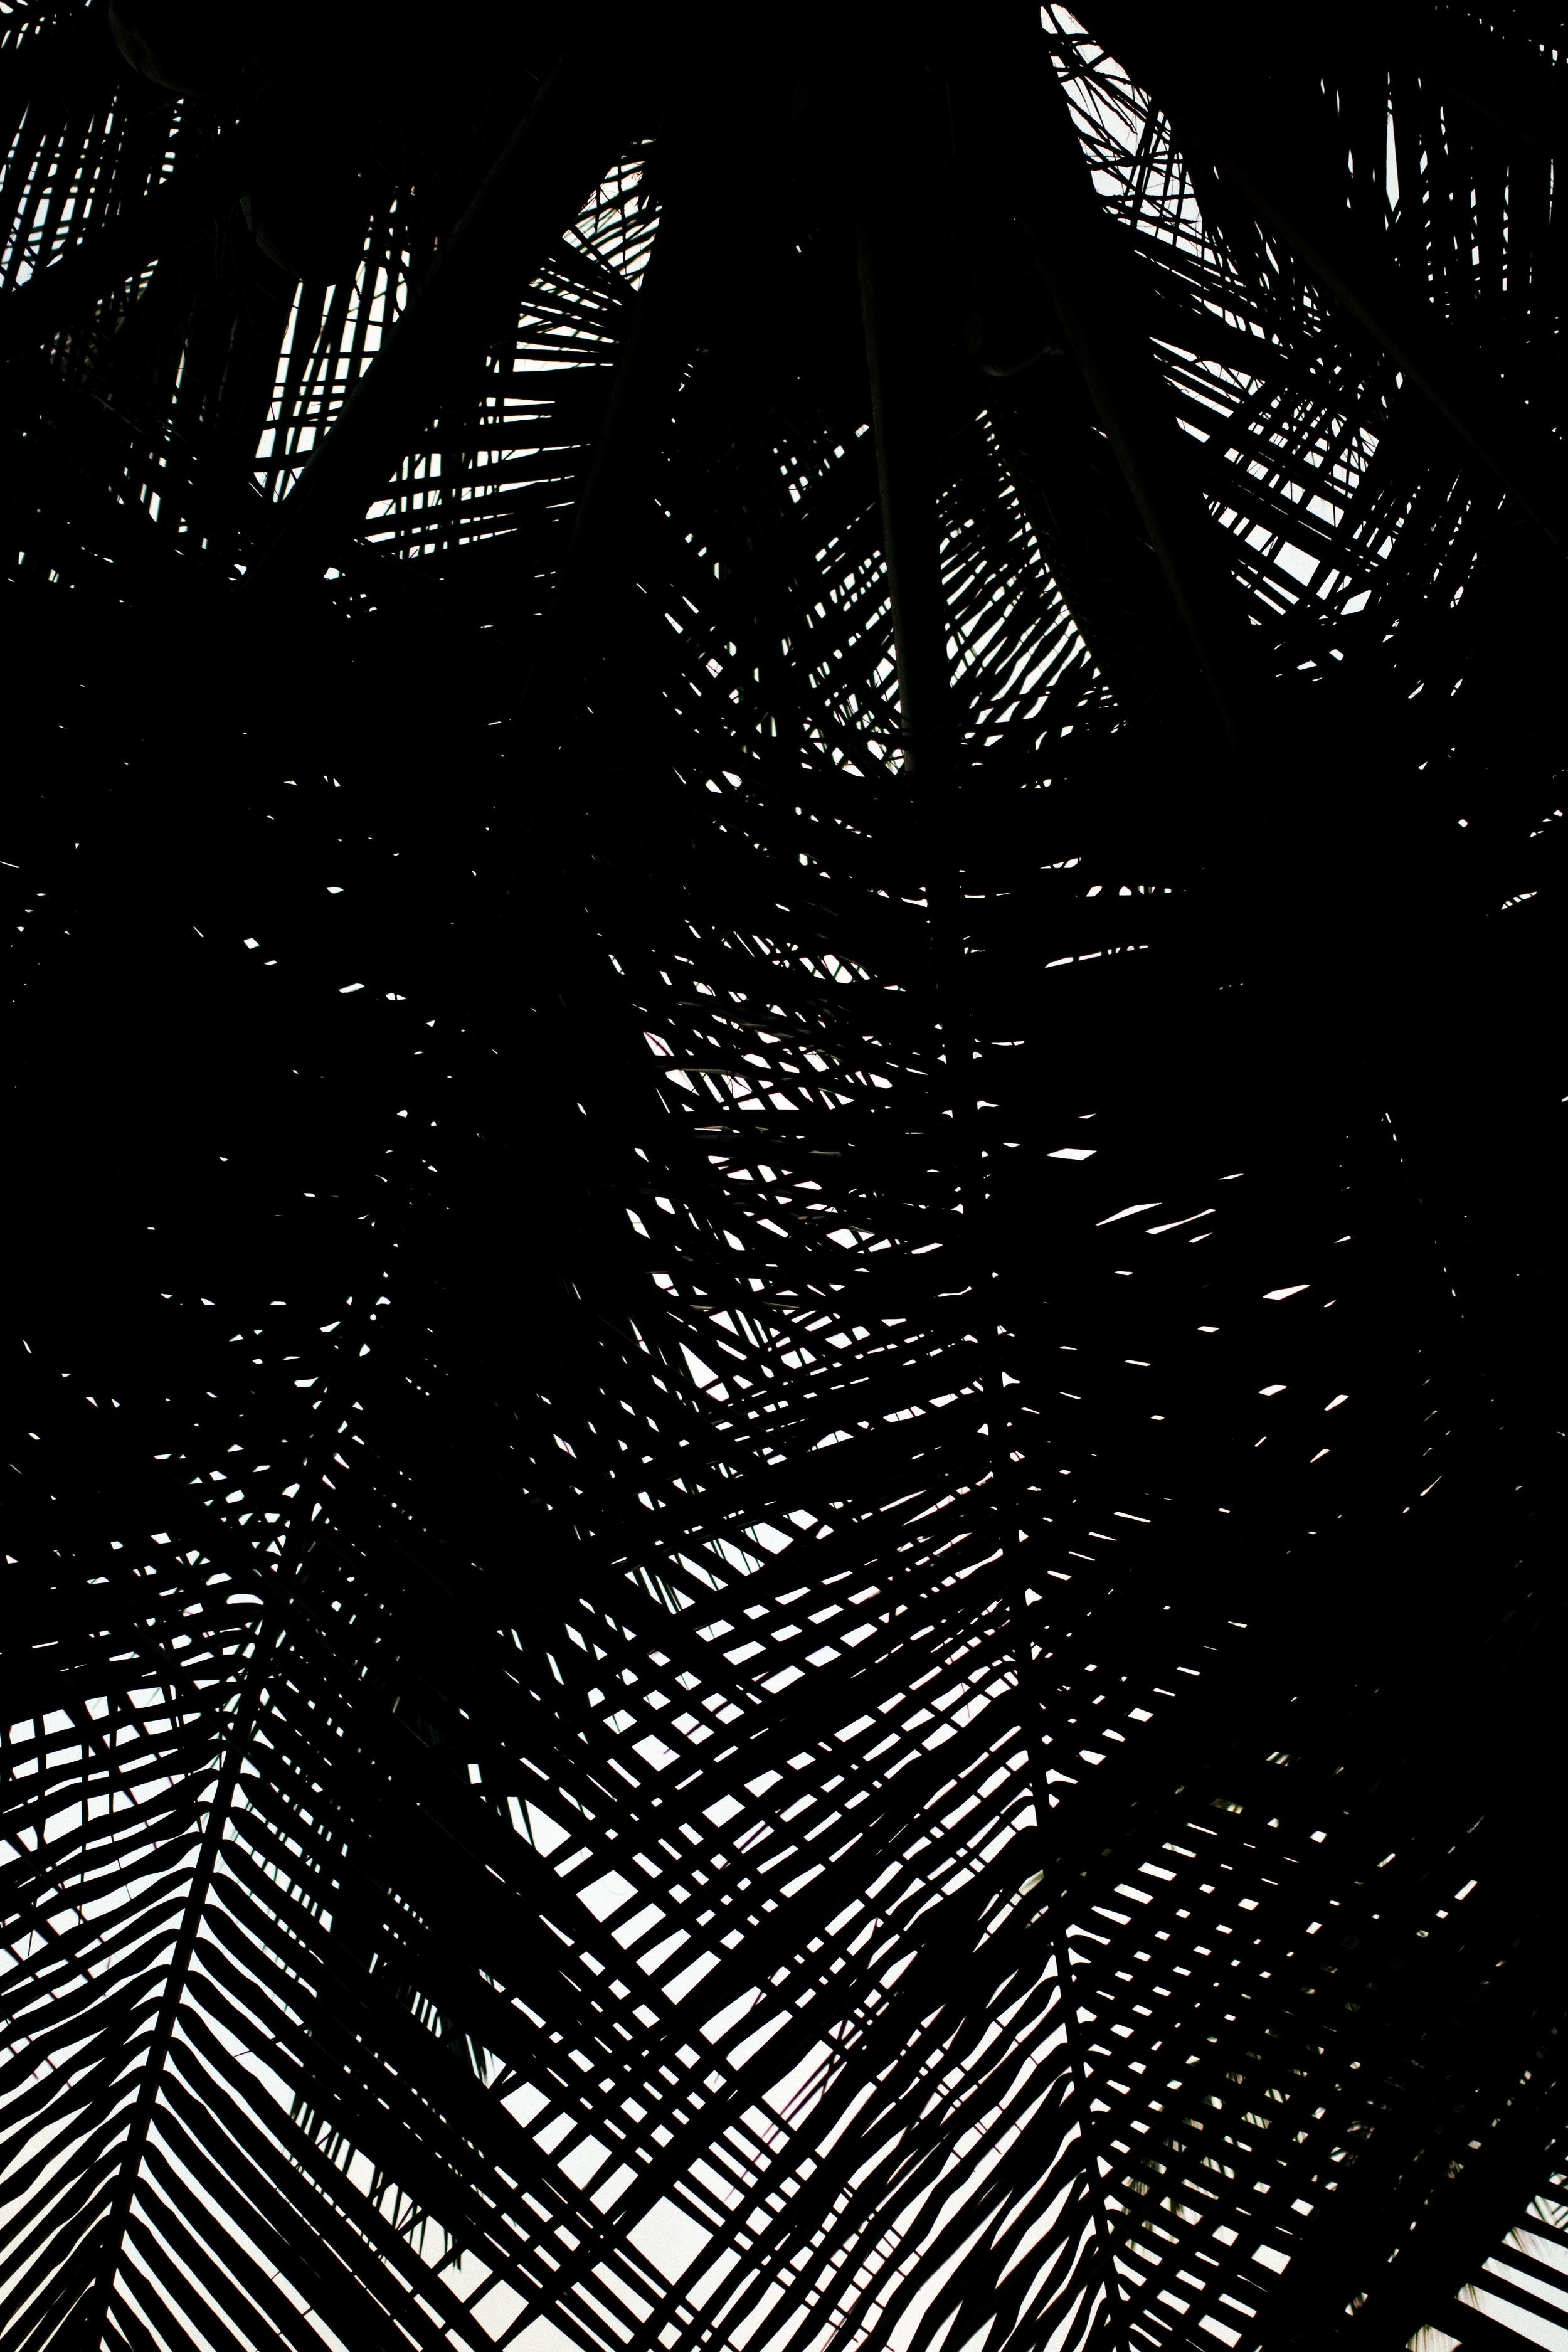 MALDIVES_CORONA_COCONUT COMRADERY_10.jpg